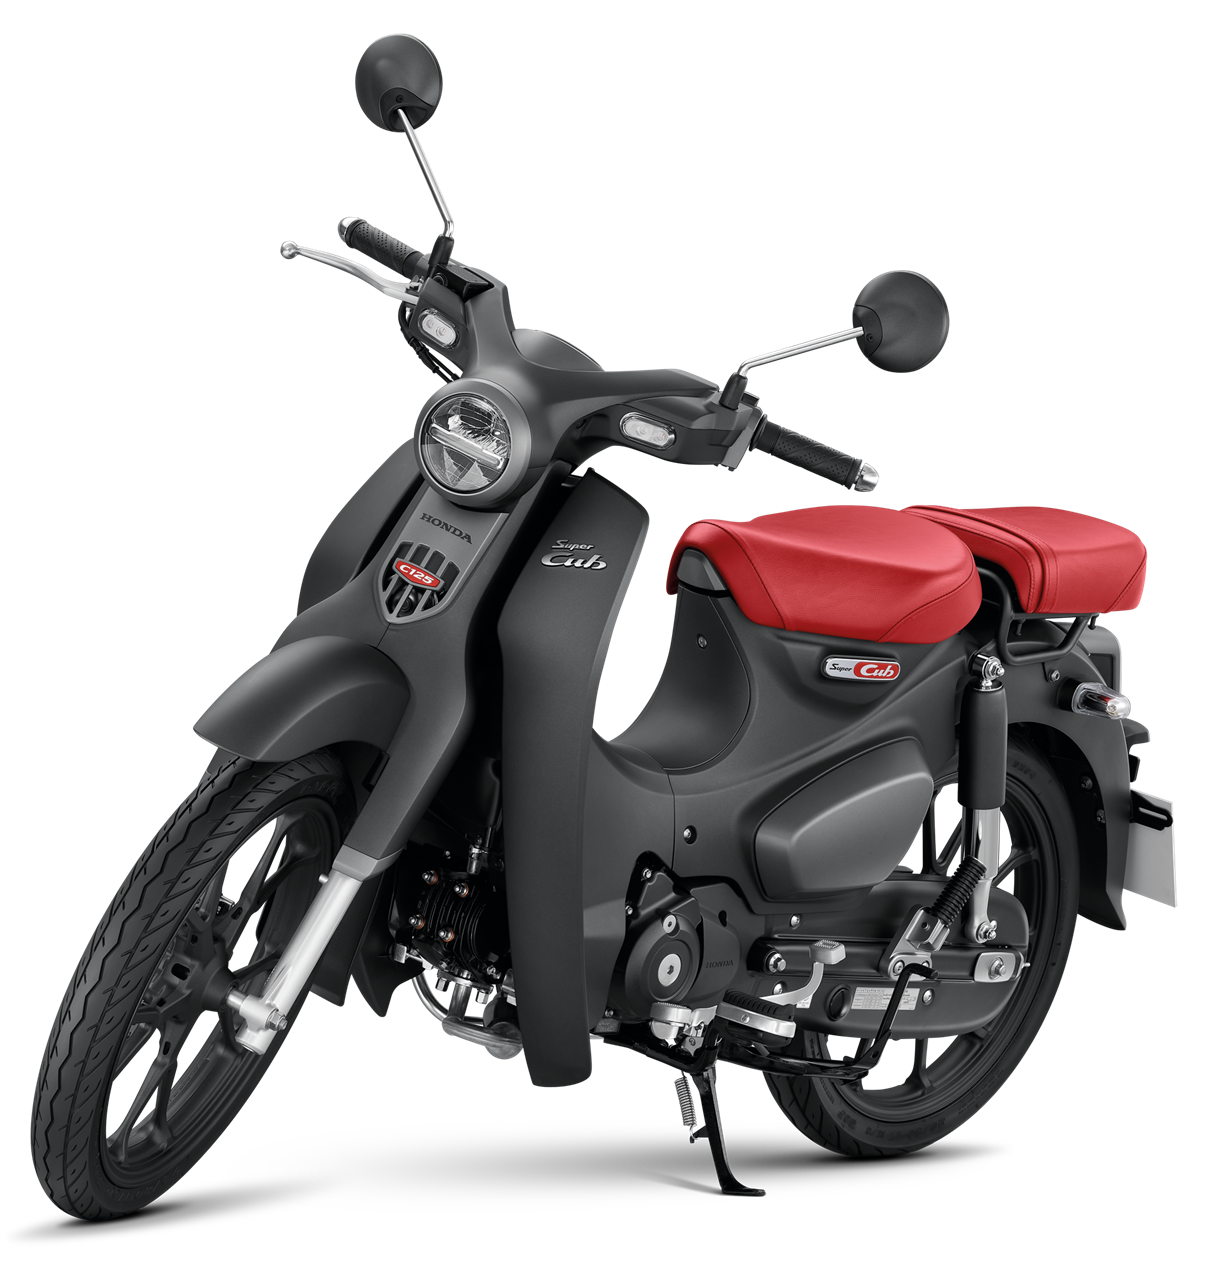 ราคาและตารางผ่อน ดาวน์ Honda C125 2021